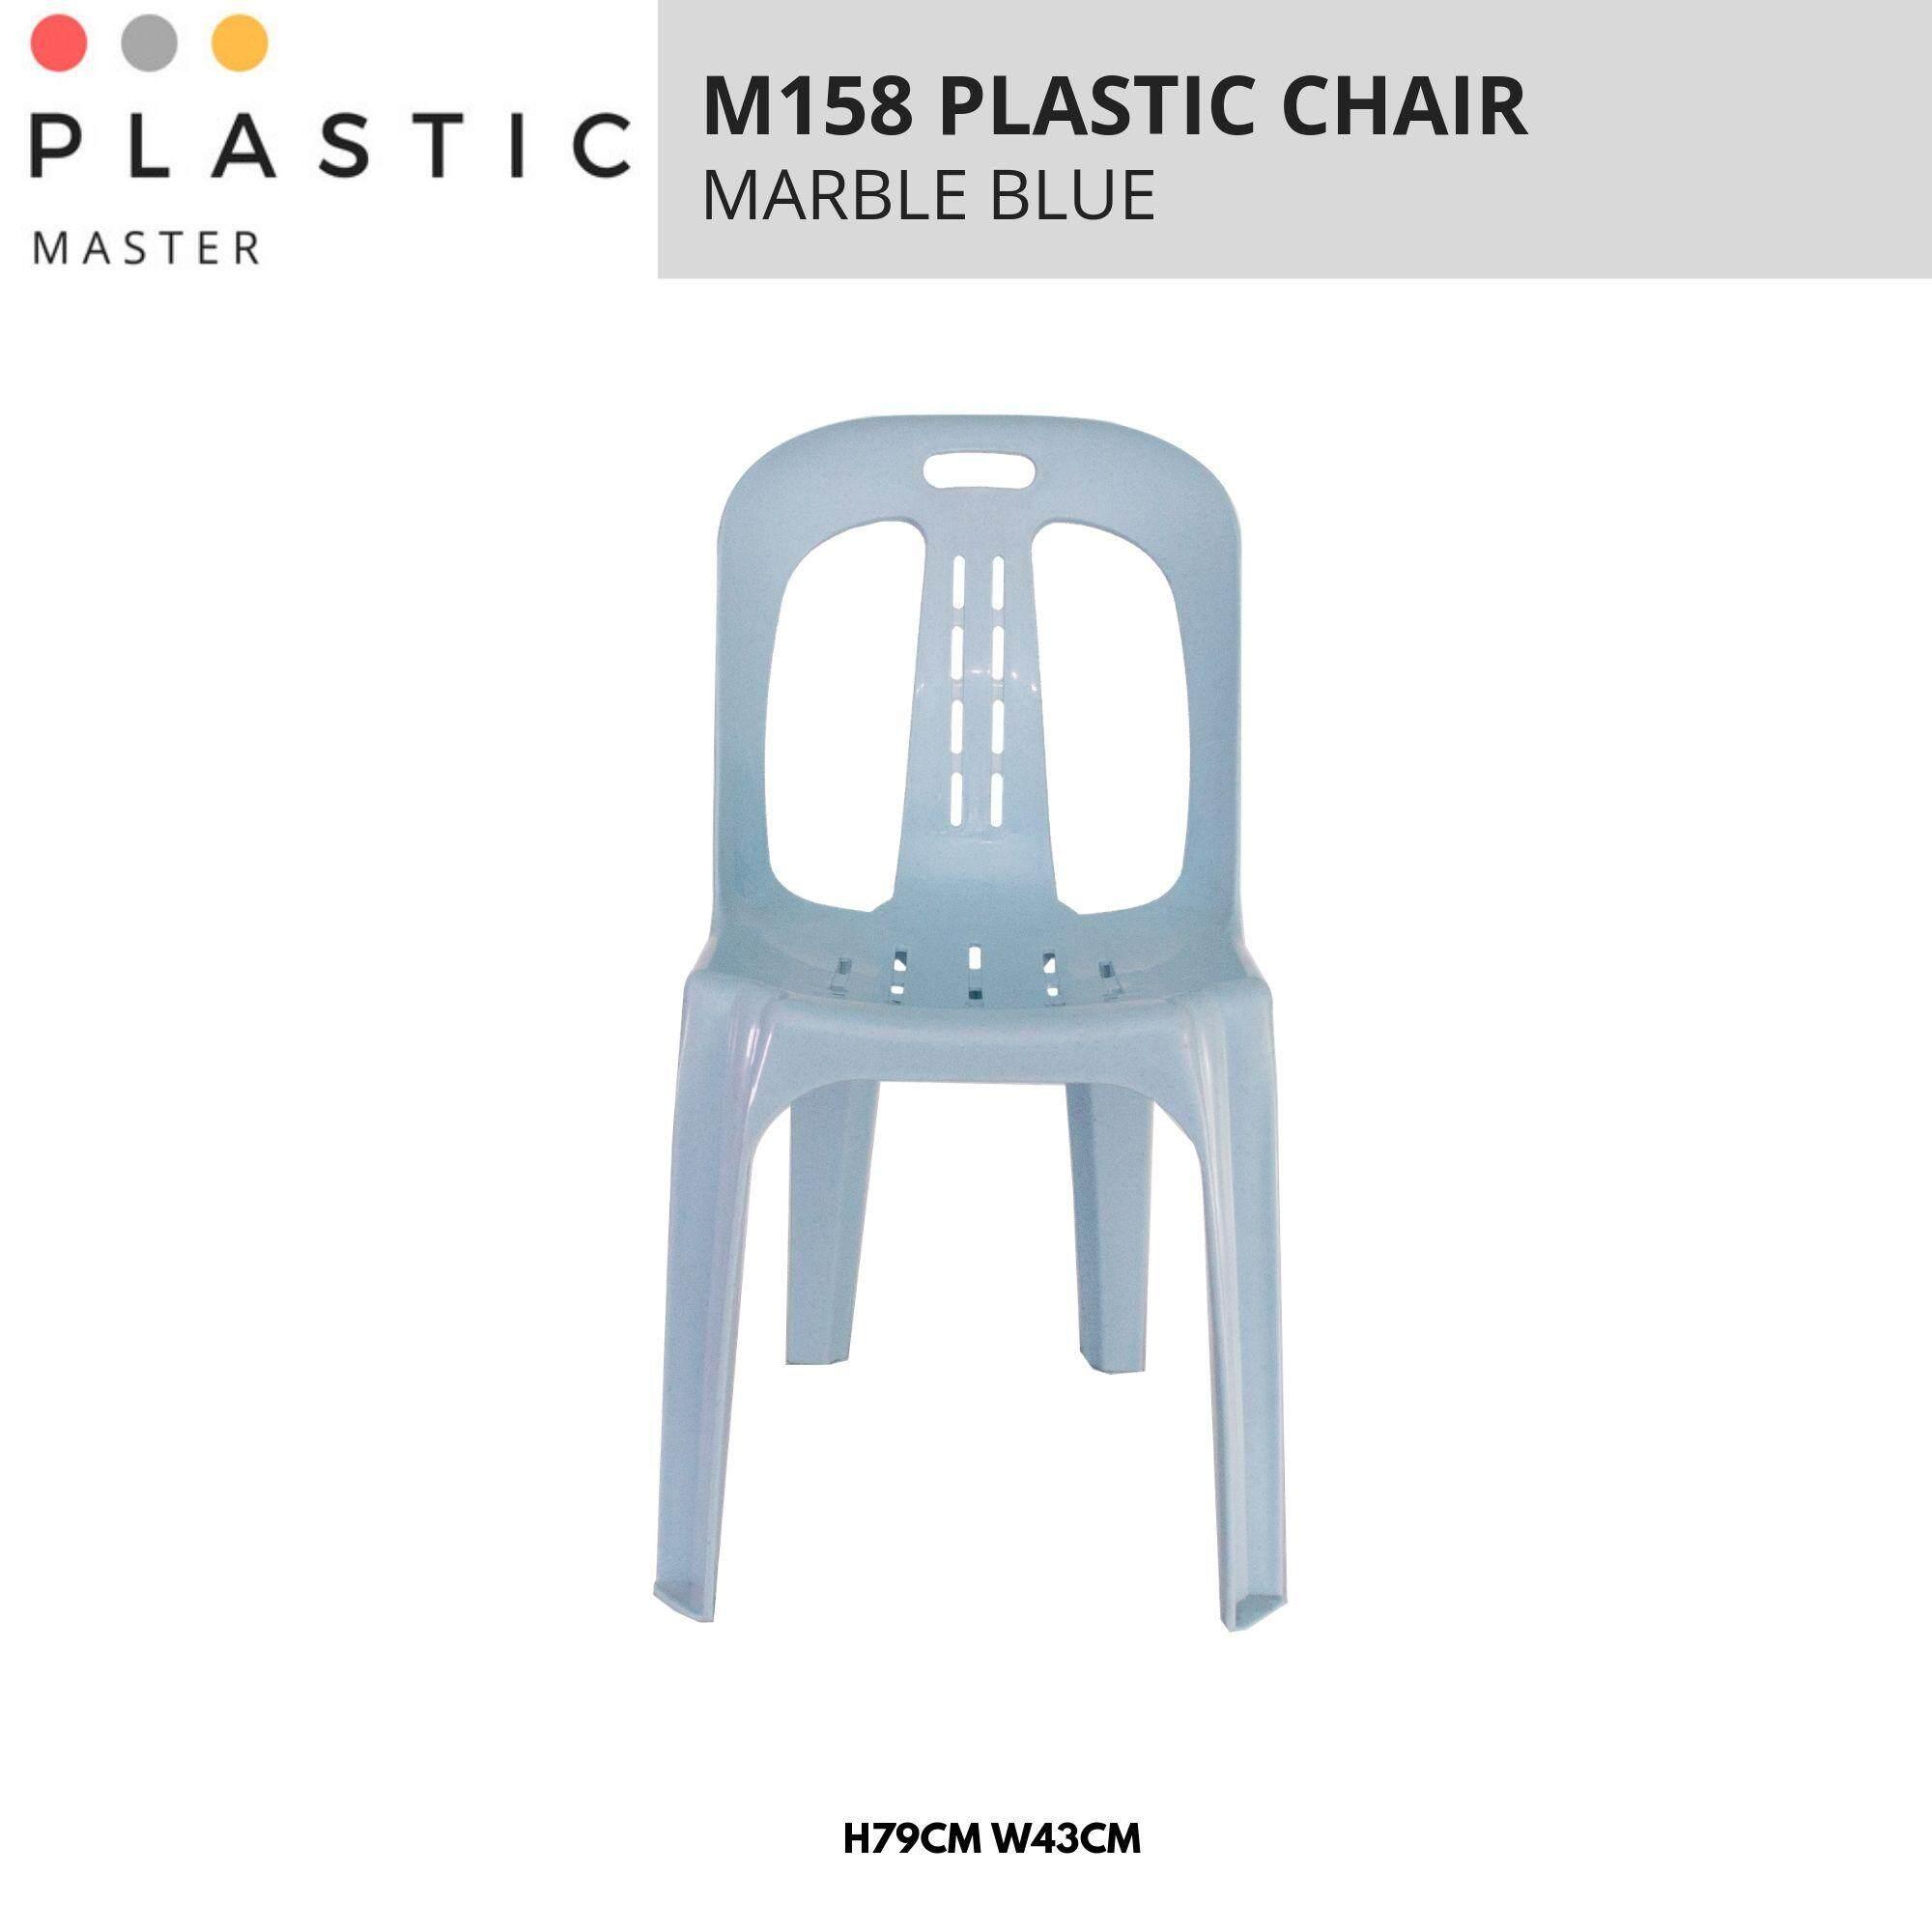 หุ้น: ที่ชื่นชอบ (5) เก้าอี้พลาสติก 150KG โหลด M158 หลายสี